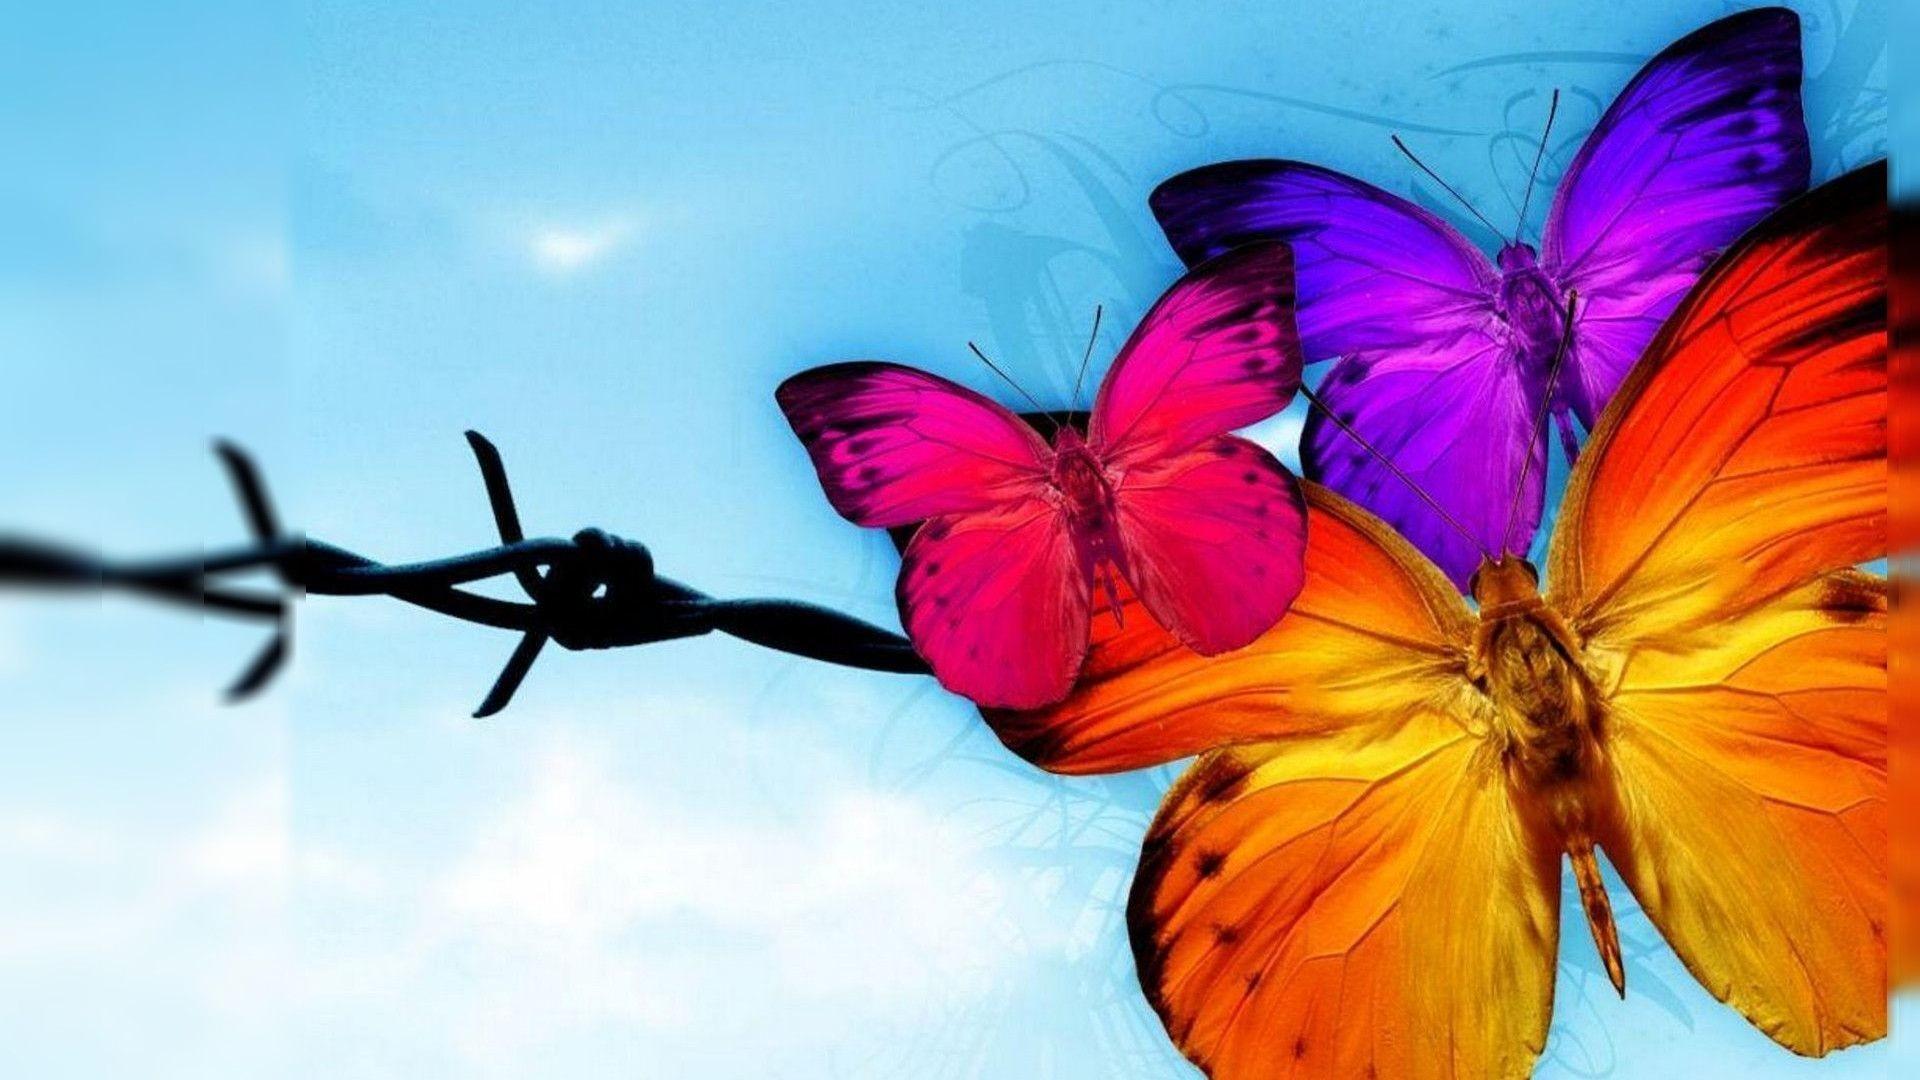 Butterfly HD Wallpaper Free Download